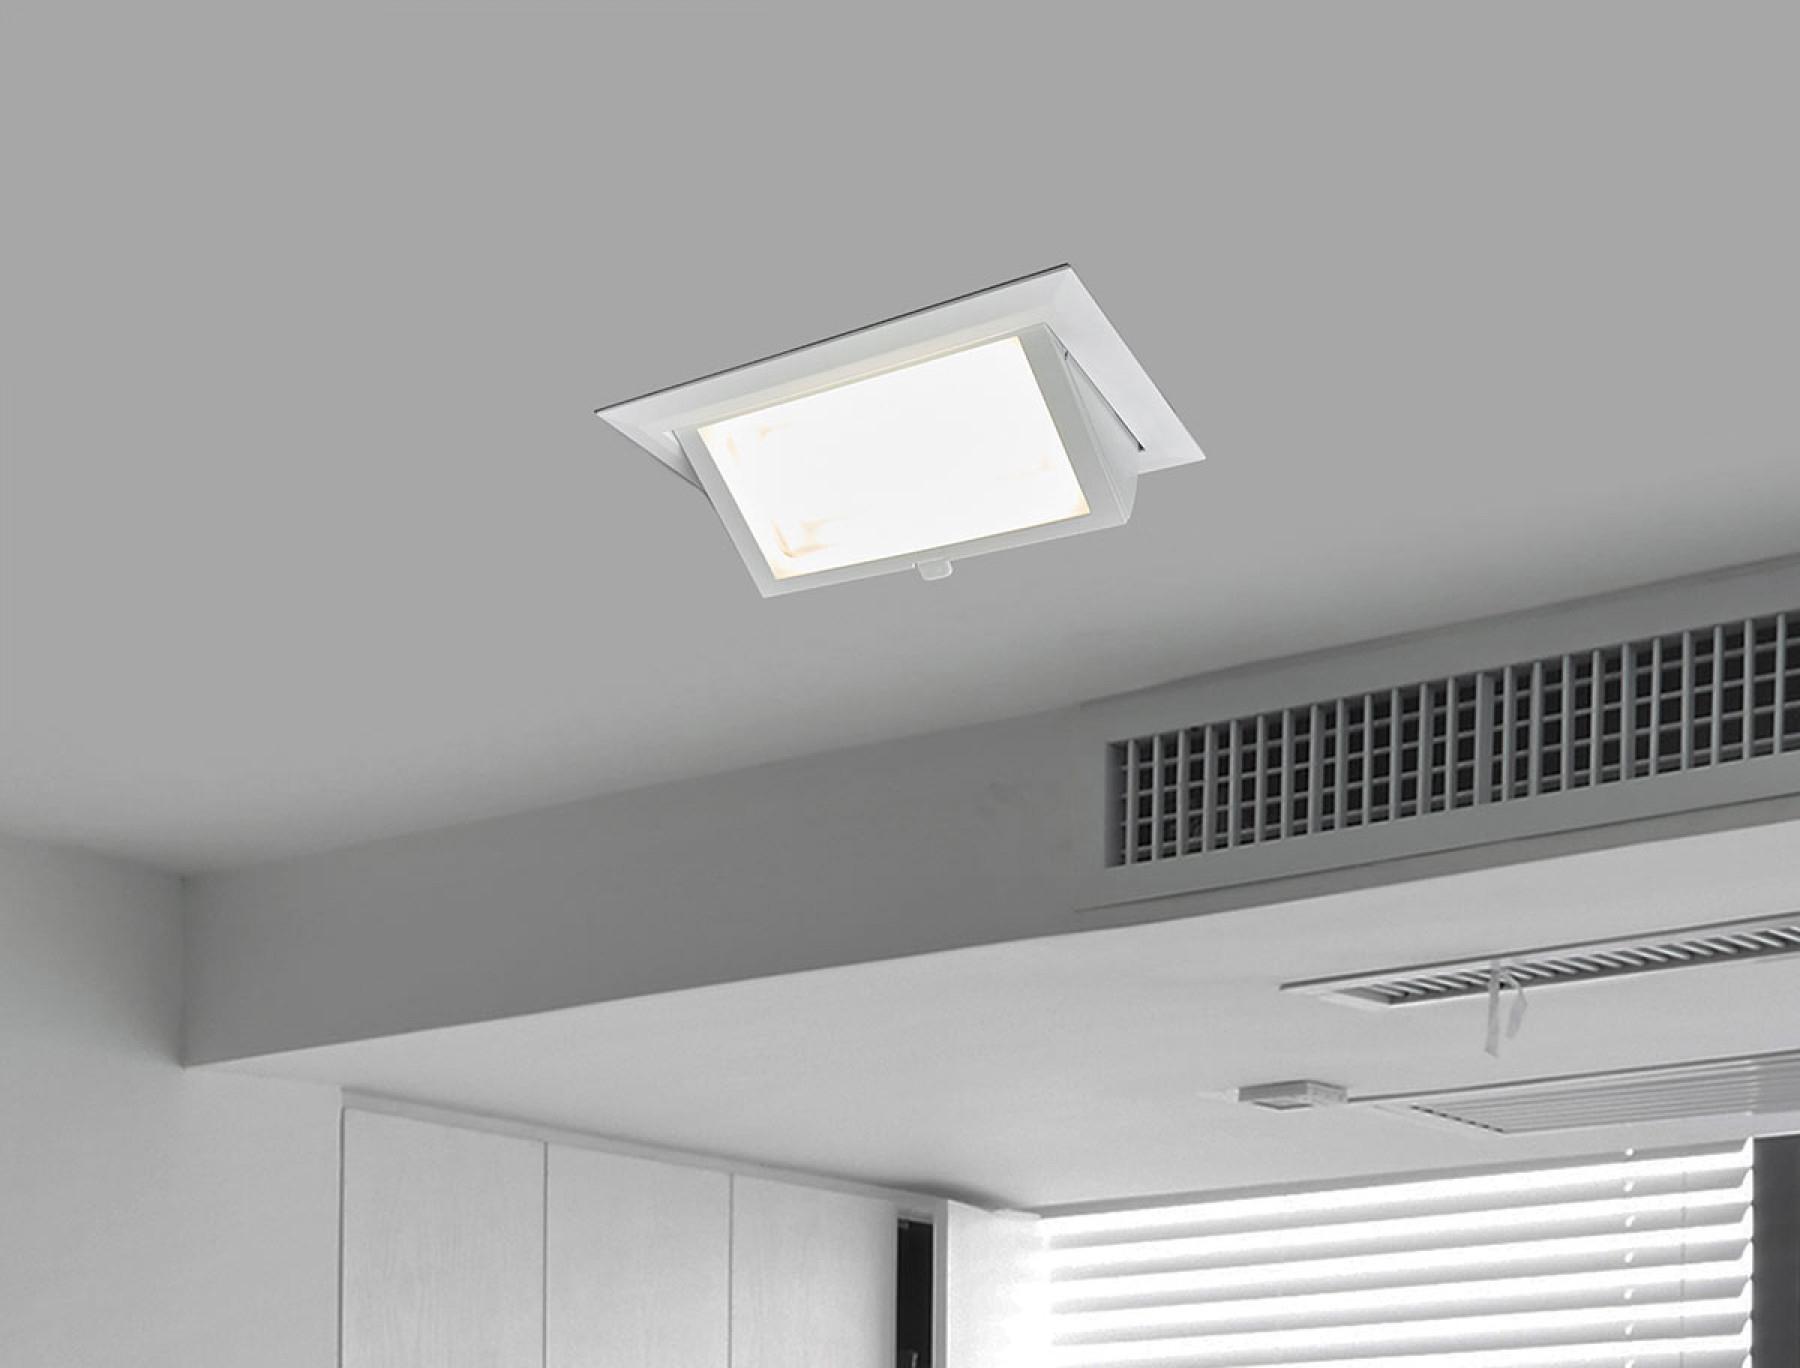 projecteur-lito-eclairage-commerces-bureautique